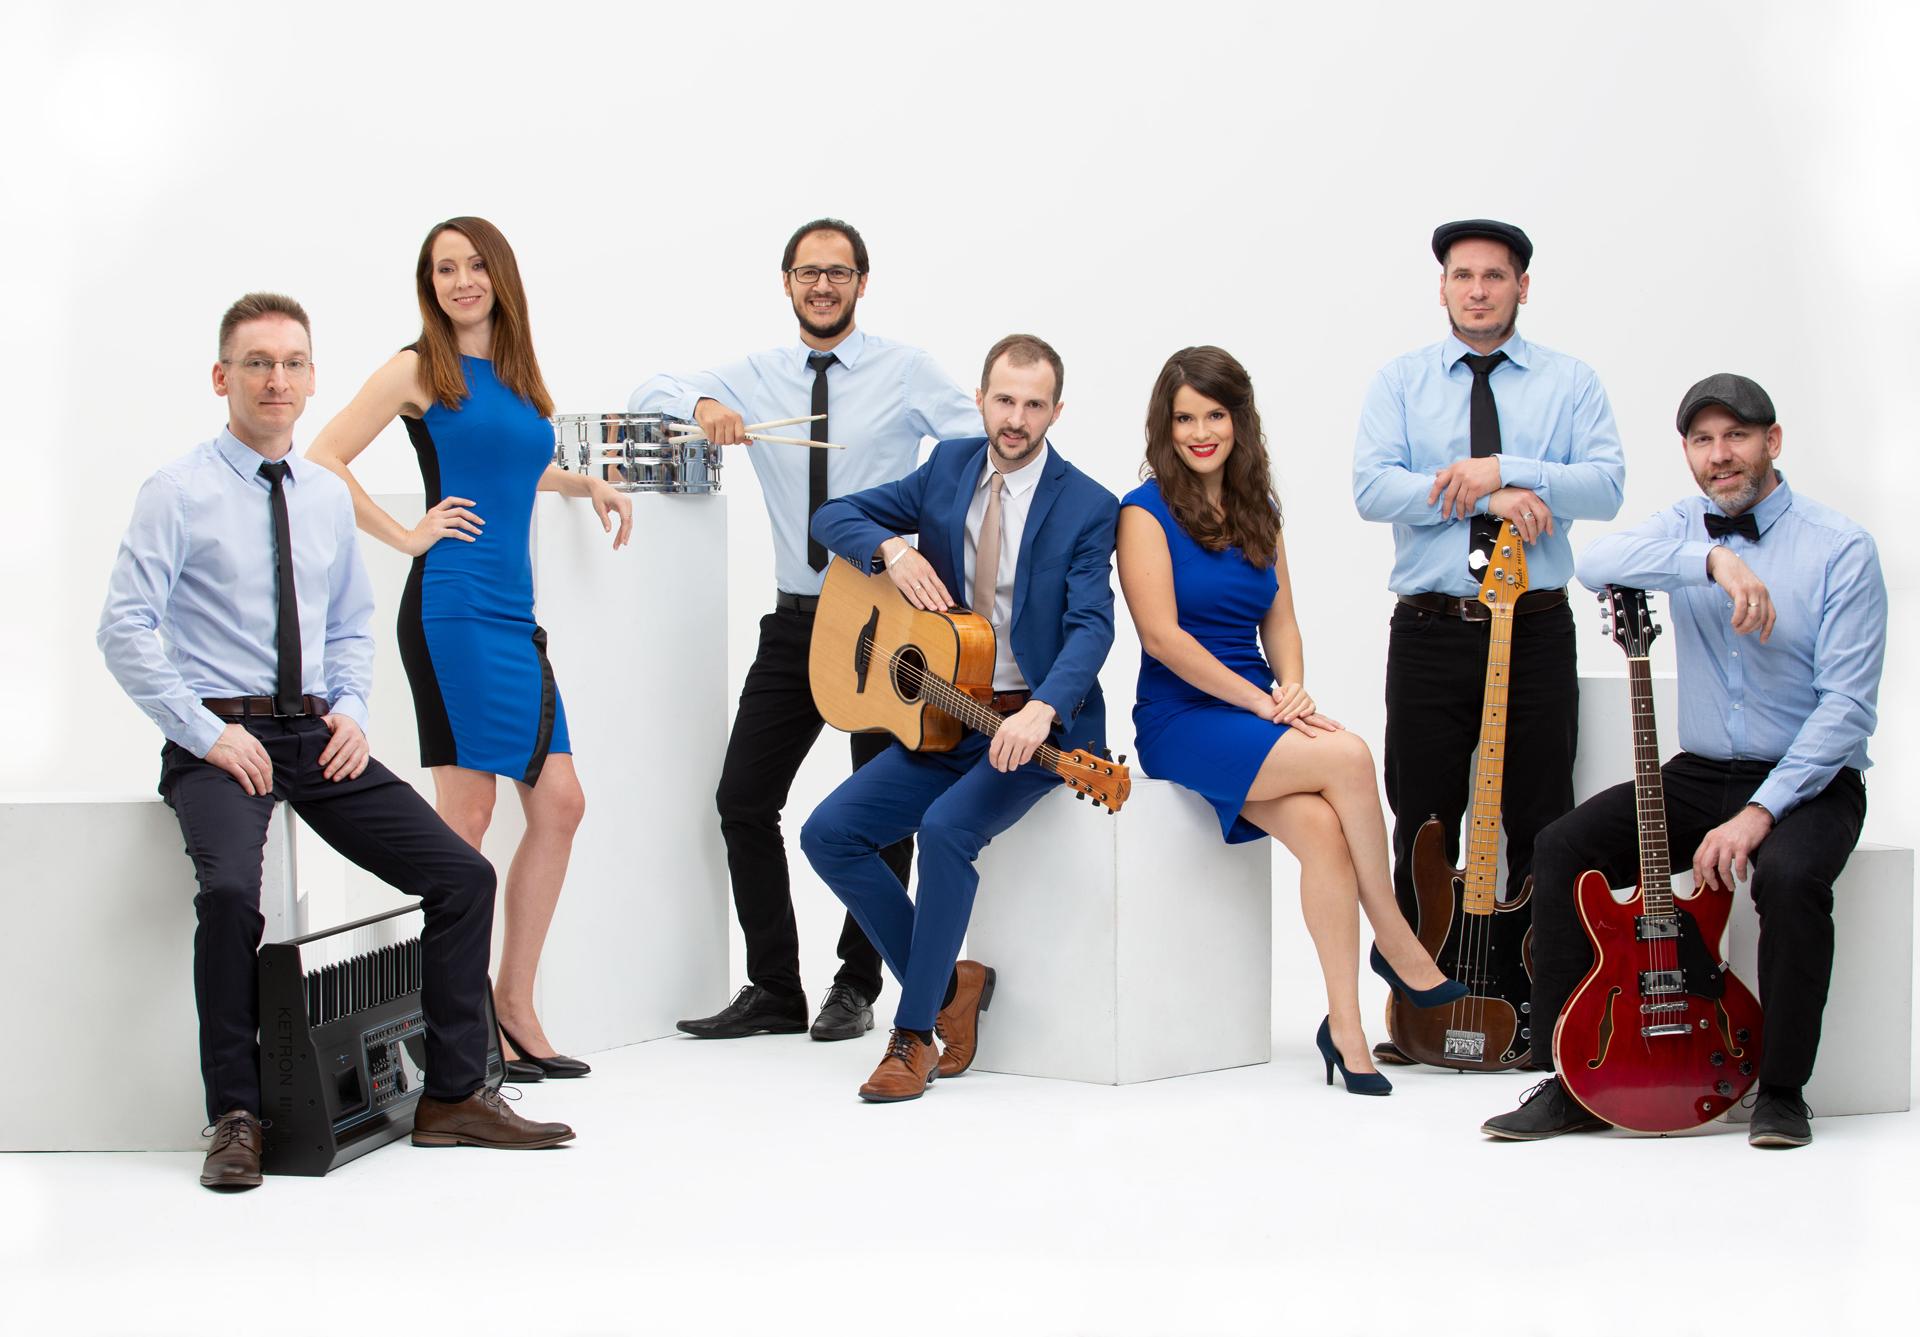 Budapest Showtime │ Prémium Zenekar Esküvői és céges rendezvényre │ 100% Élőzene 1